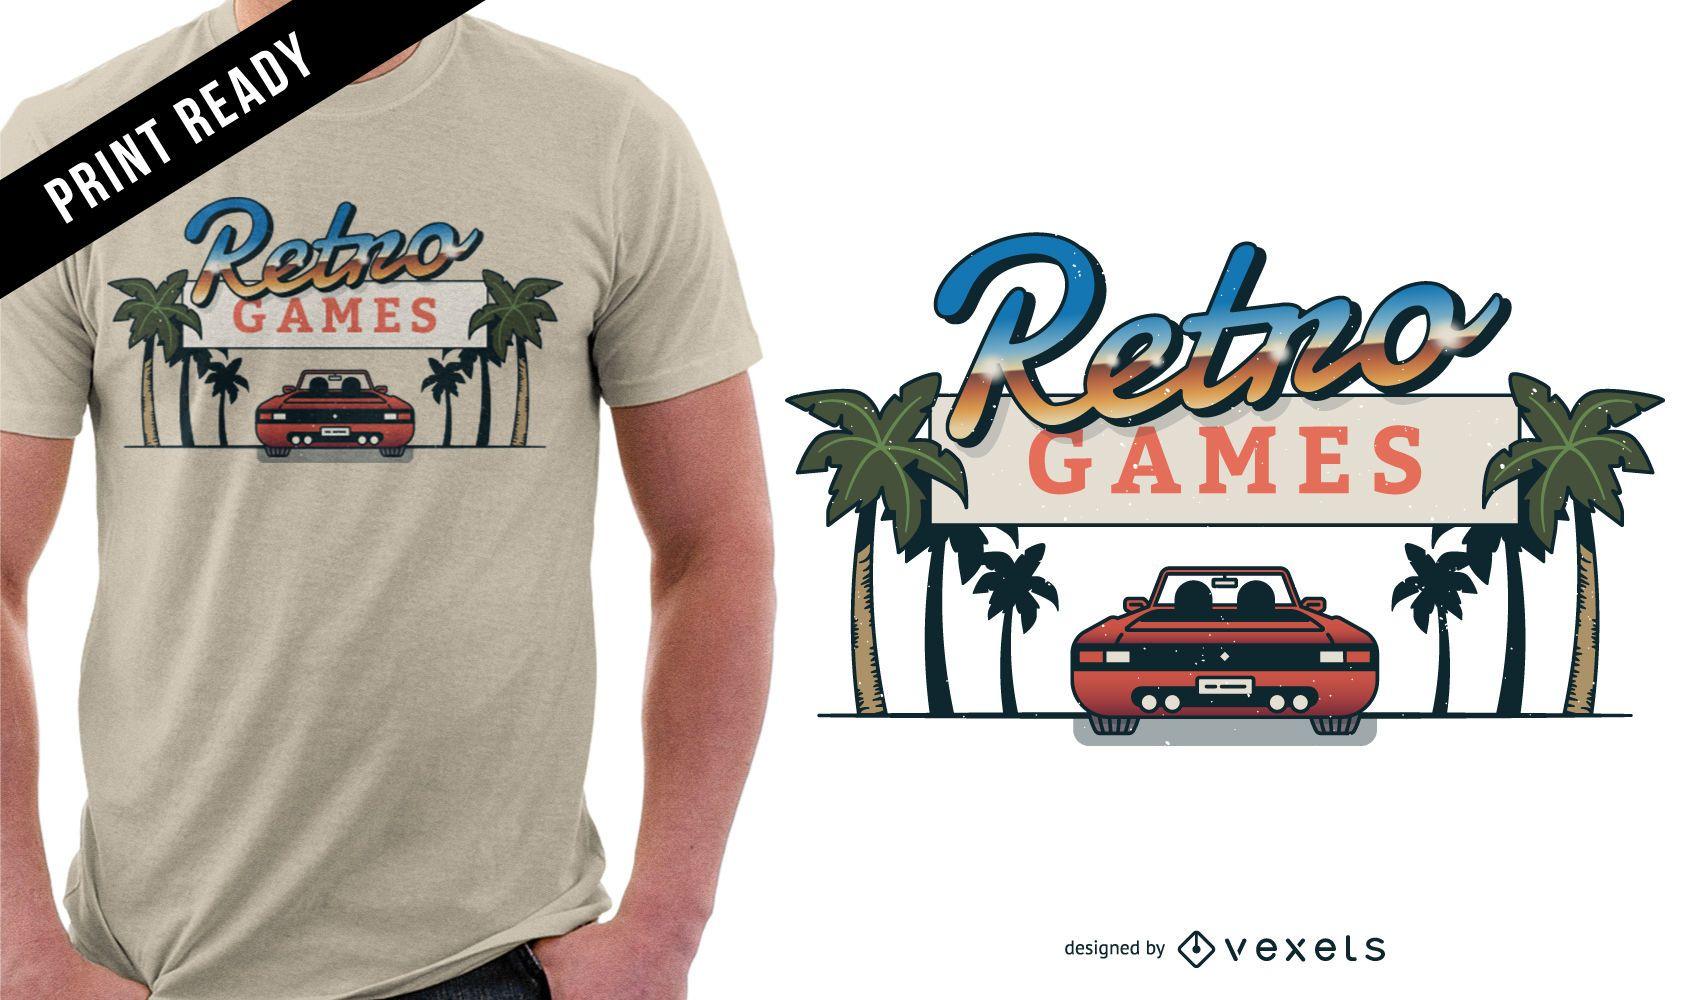 Diseño de camiseta de juegos retro.